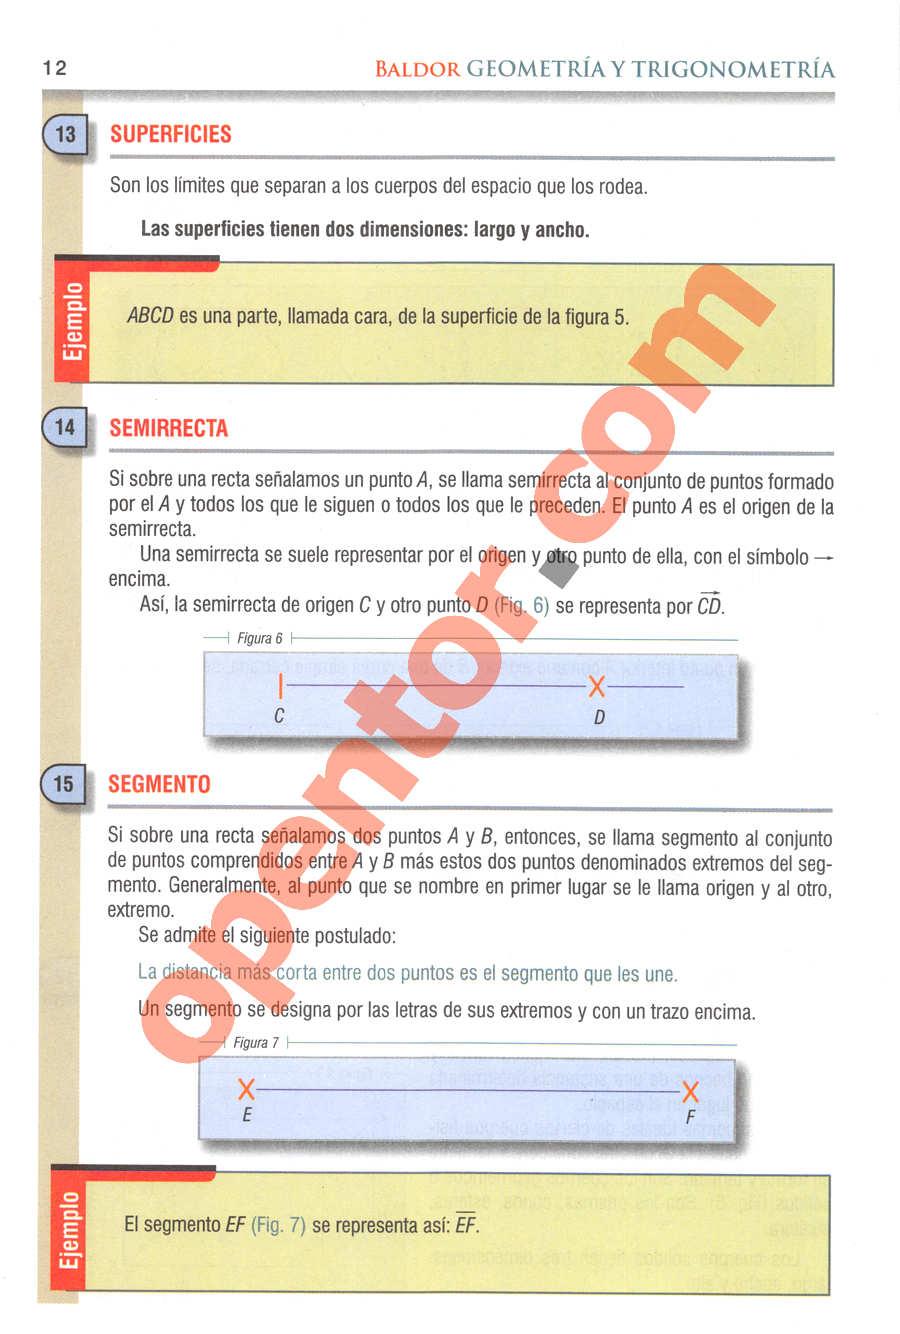 Geometría y Trigonometría de Baldor - Página 12